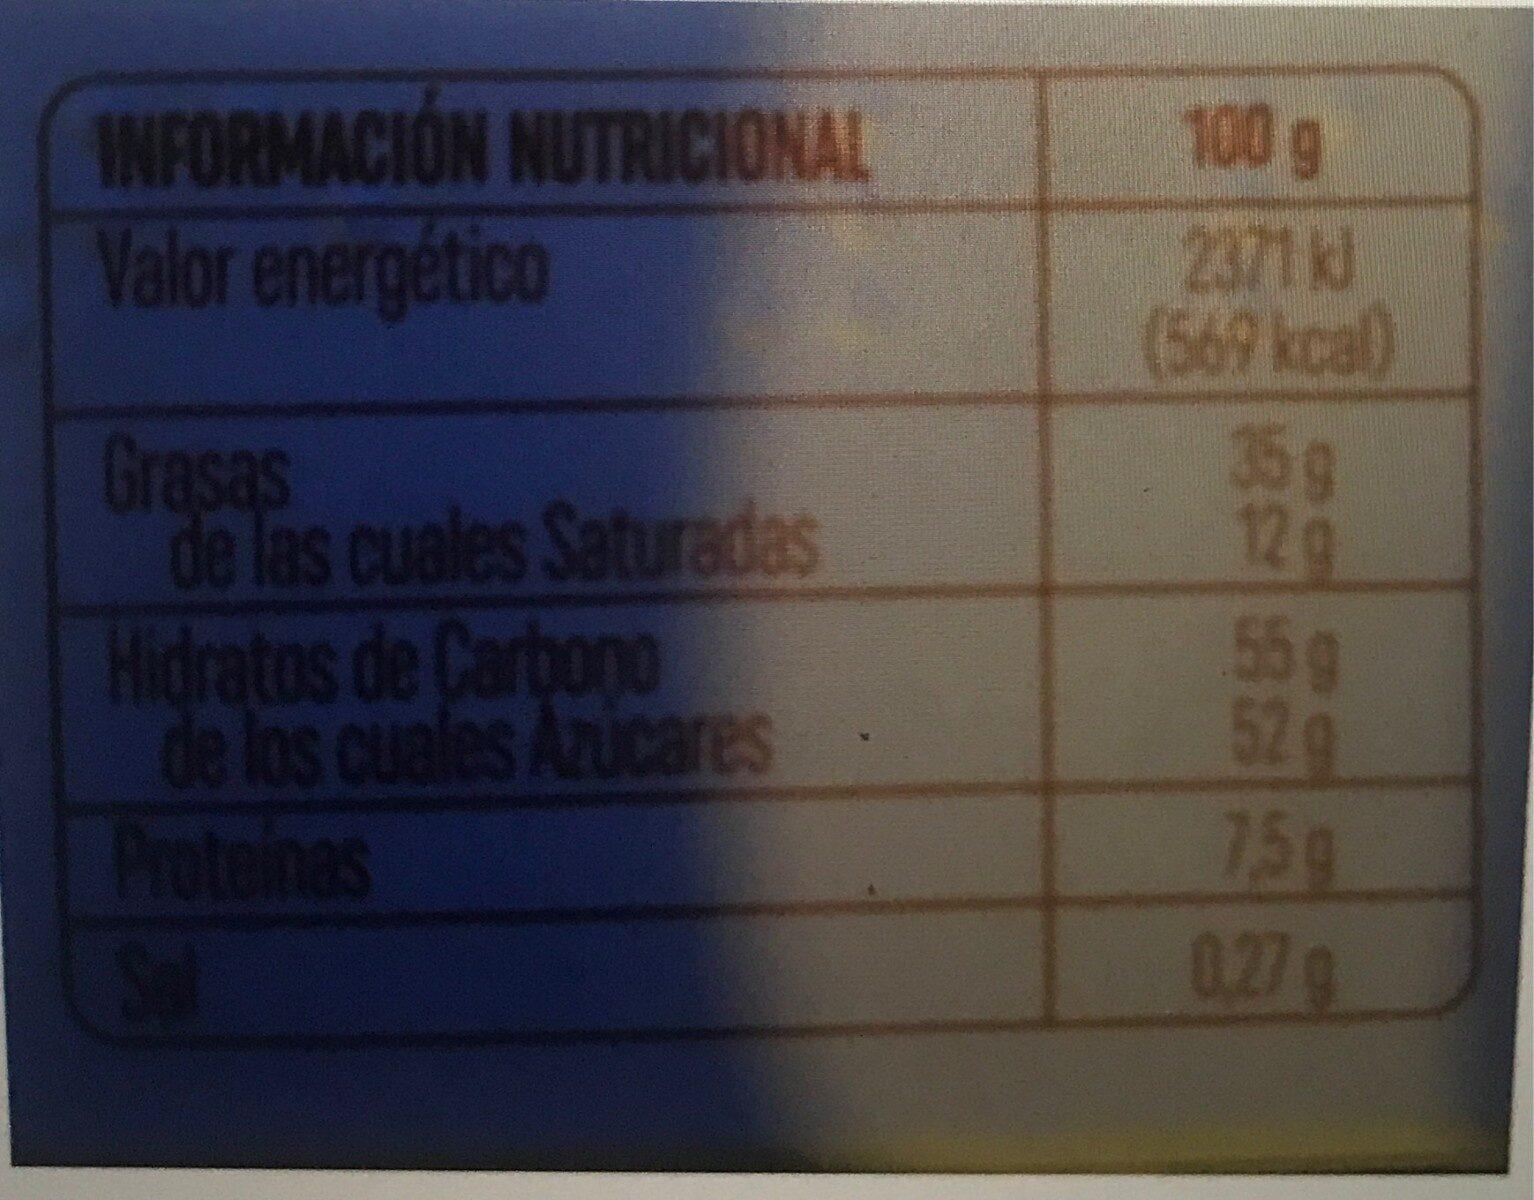 Chocolat saveur ananas - Voedingswaarden - fr